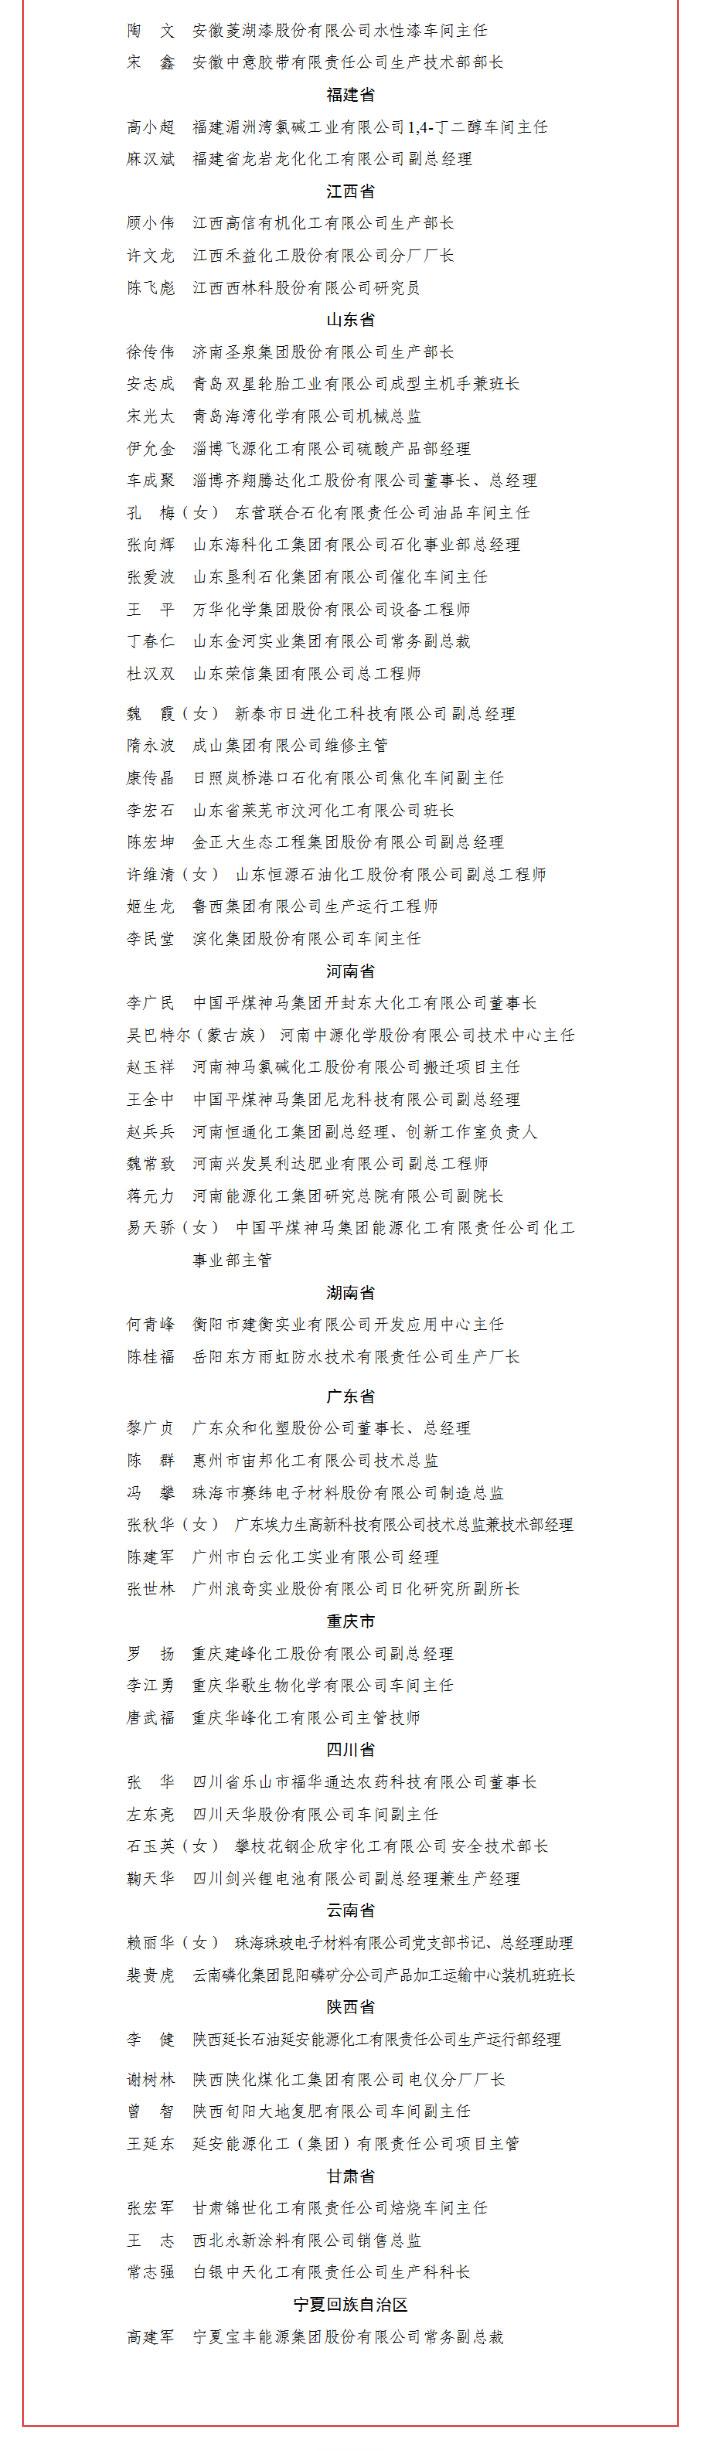 人力資源社會保障部-中國石油和化學工業聯合會關于第三屆全國石油和化學工業-先進集體、勞動模范和先進工_副本_05.jpg